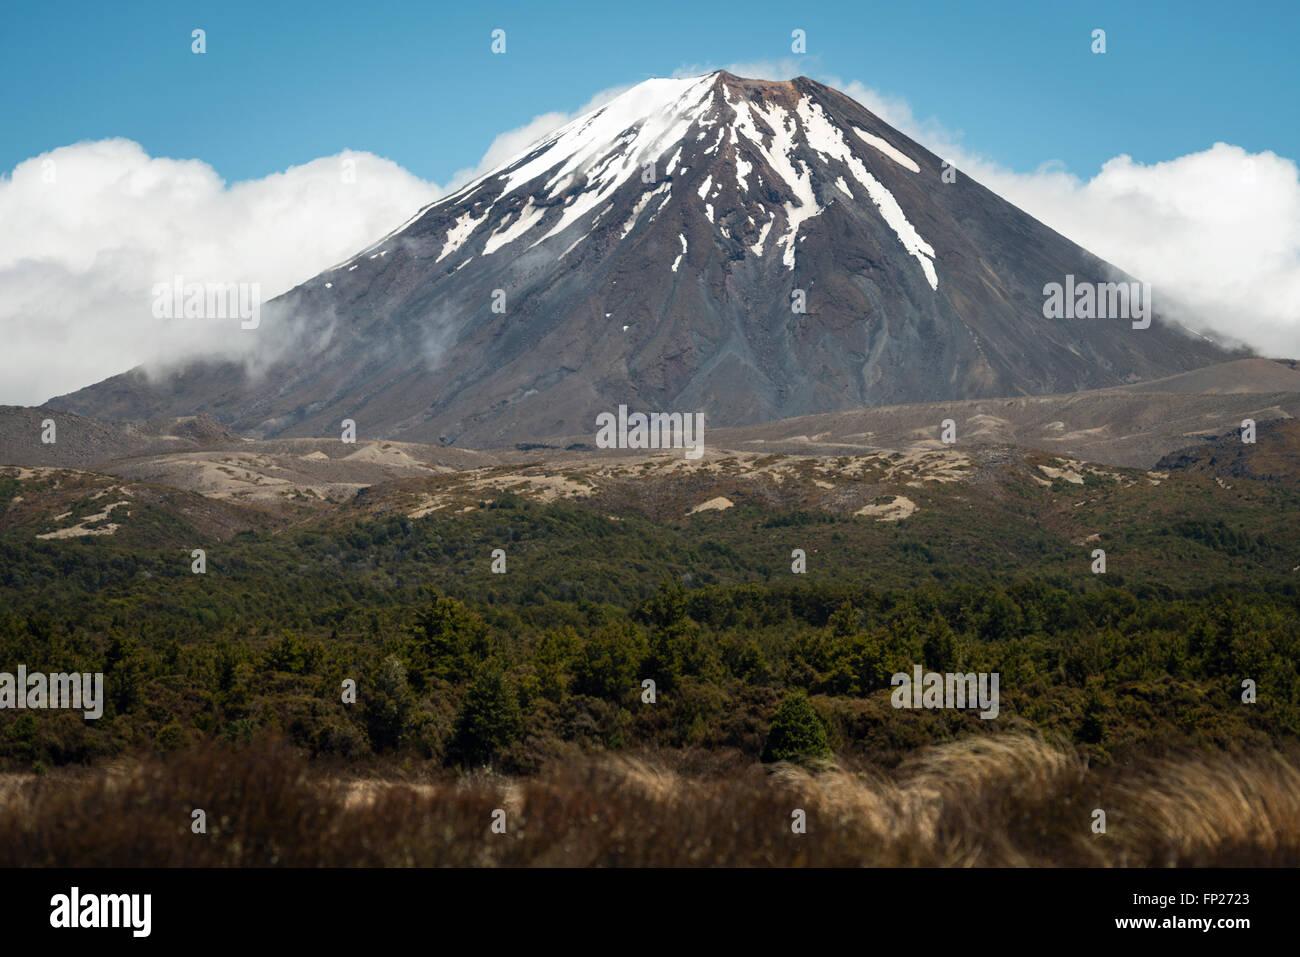 Mt. Ngauruhoe volcano in Tongariro National Park, New Zealand - Stock Image